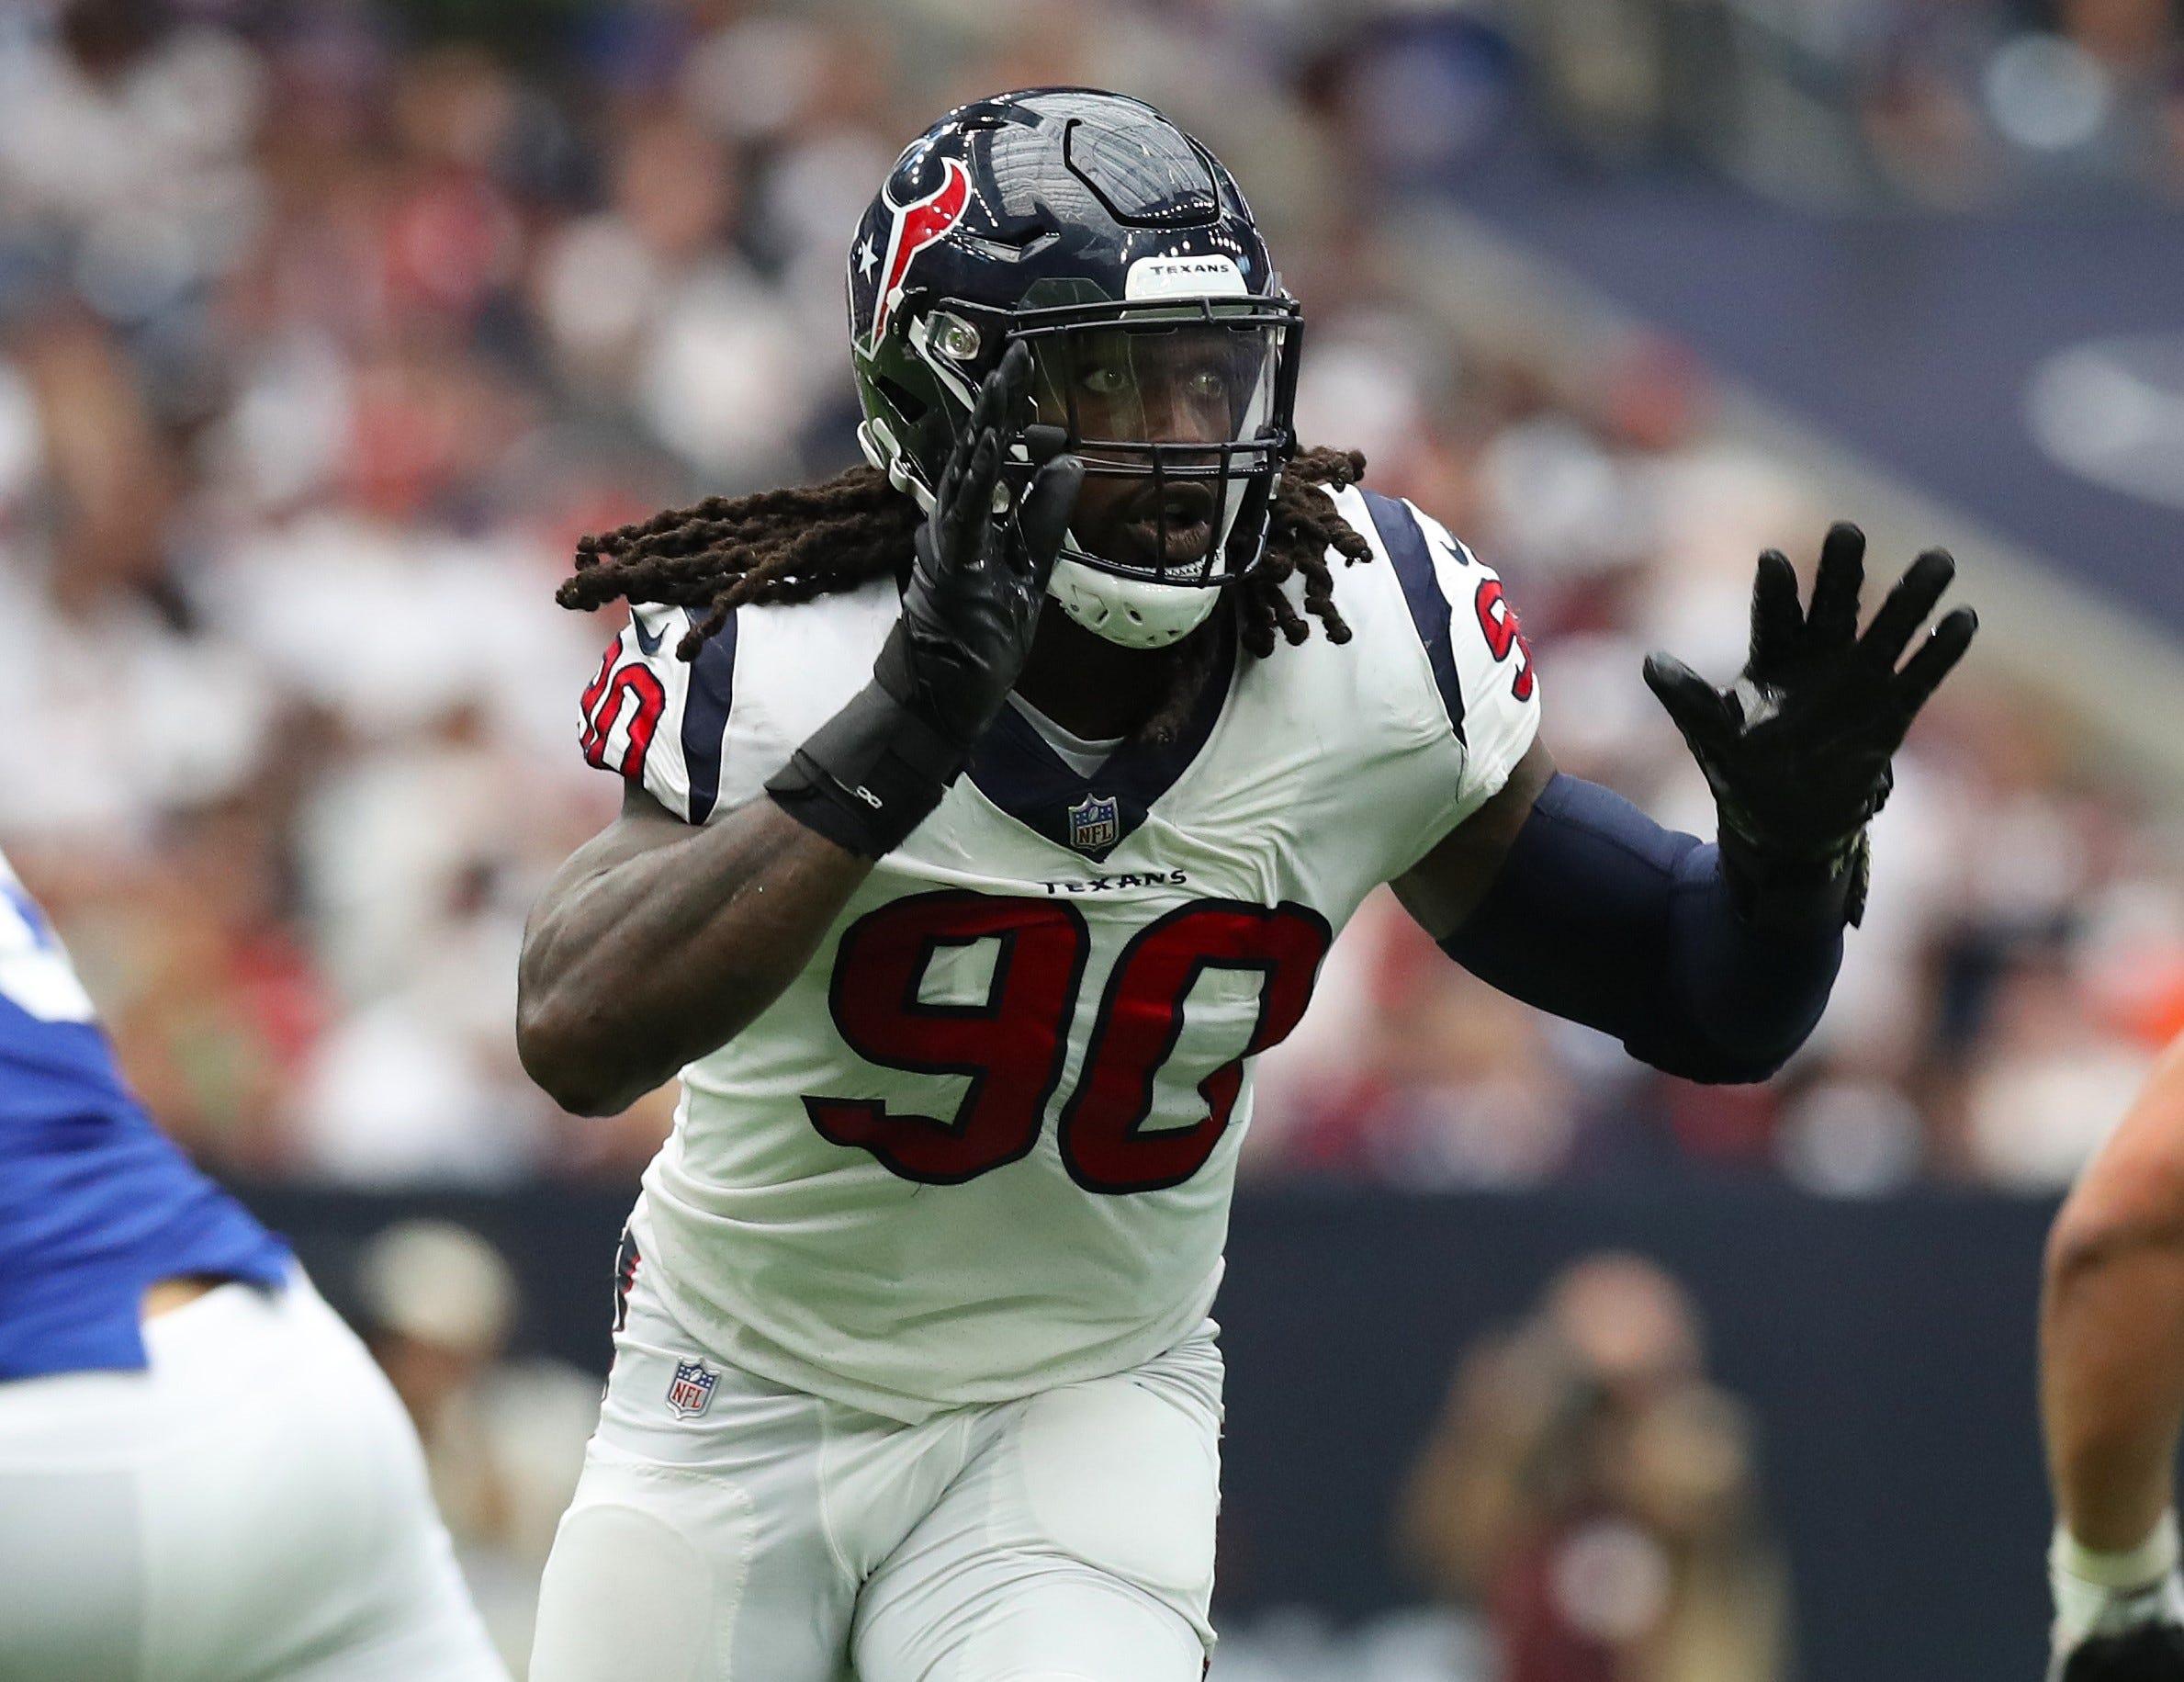 Why Jadeveon Clowney, Houston Texans may battle over $1.7 million